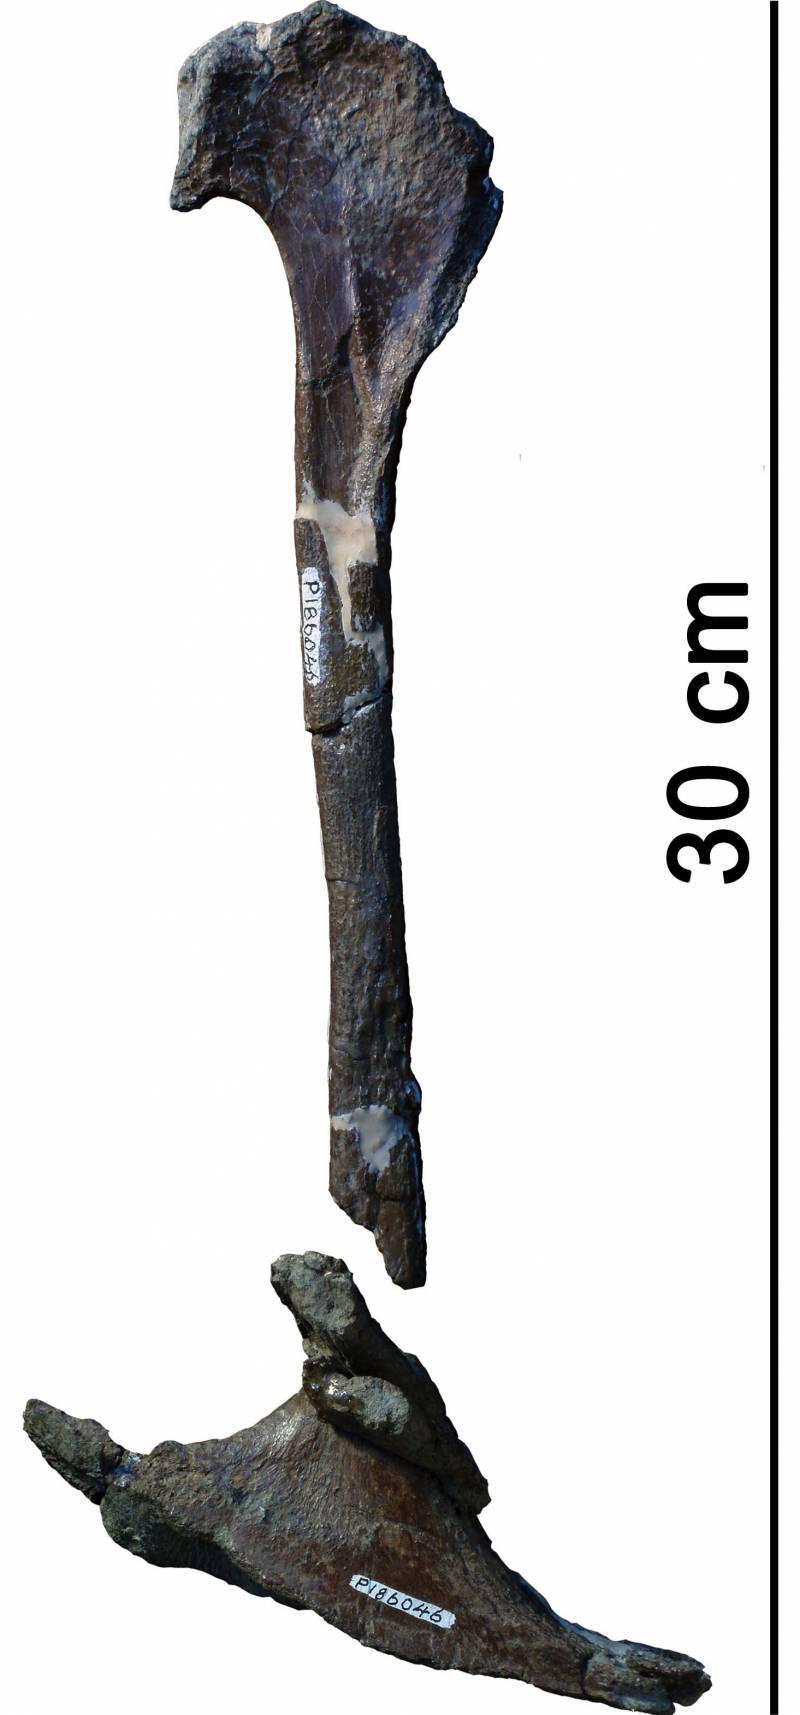 Restos fósiles de un tiranosaurio que habitó el hemisferio sur.